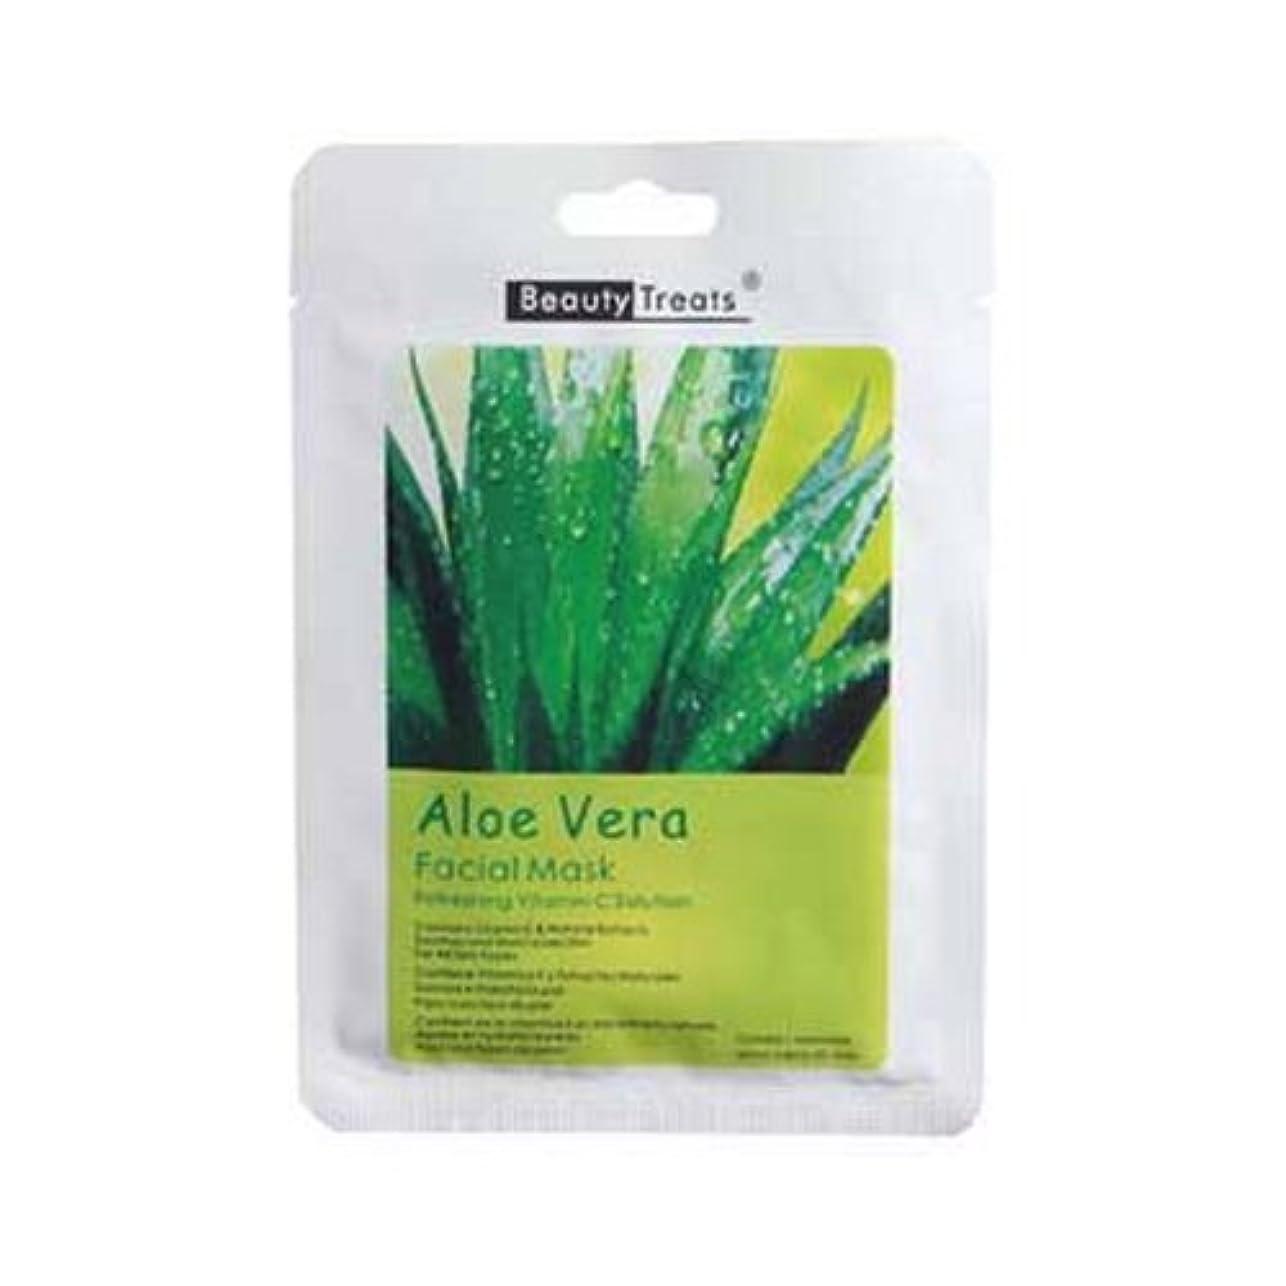 修正するいわゆるファイアル(3 Pack) BEAUTY TREATS Facial Mask Refreshing Vitamin C Solution - Aloe Vera (並行輸入品)